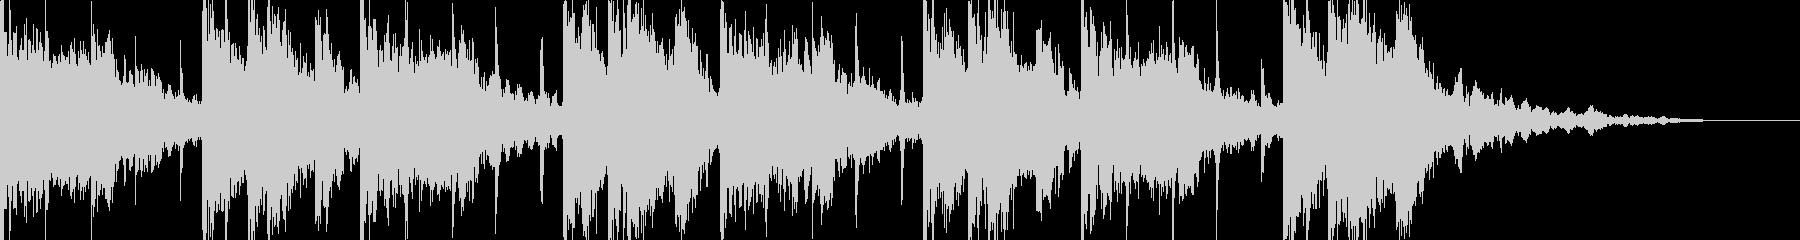 用途様々。17秒ループ音源。の未再生の波形